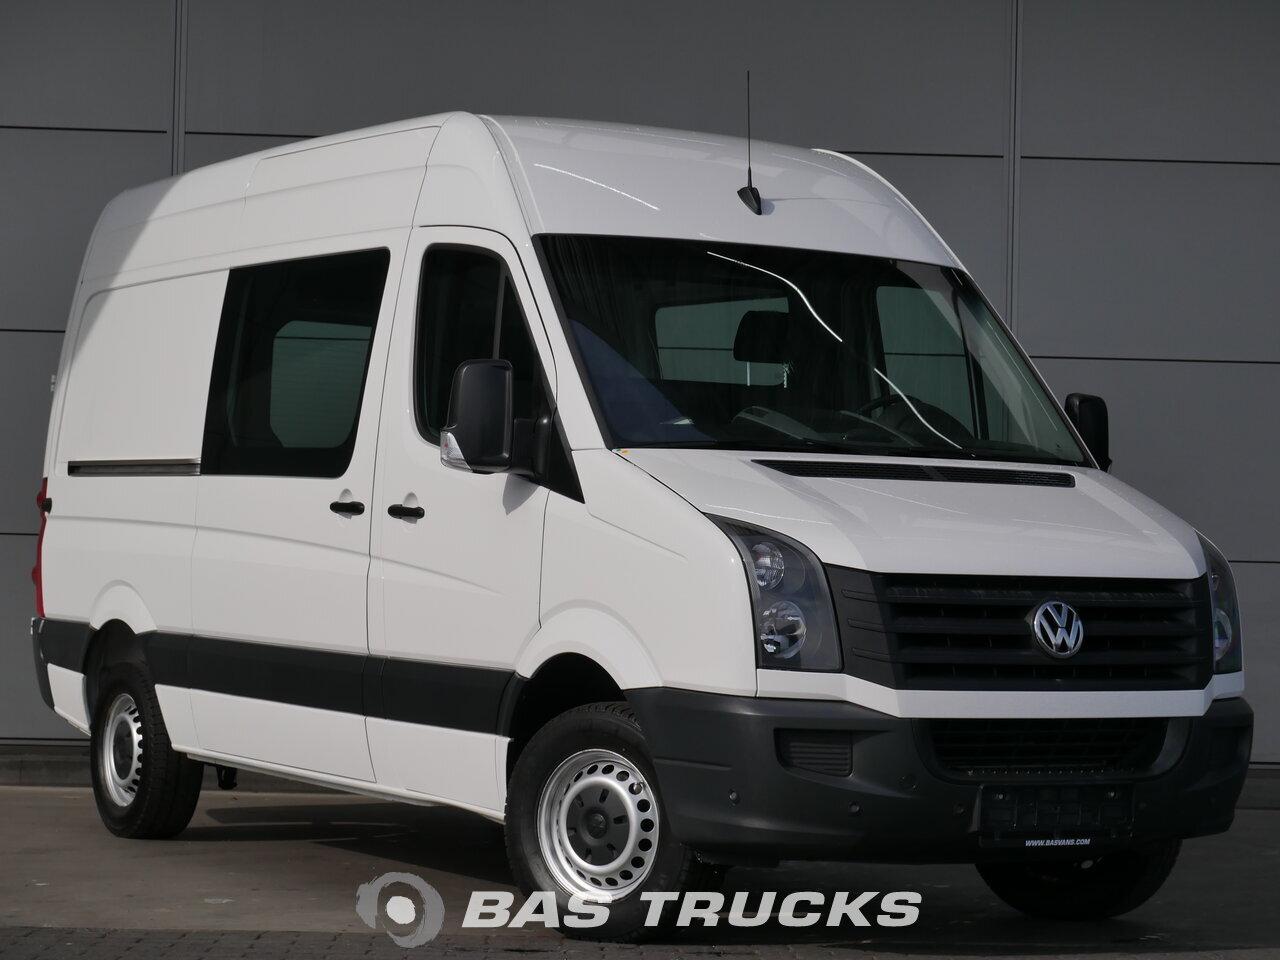 volkswagen crafter light commercial vehicle bas vans. Black Bedroom Furniture Sets. Home Design Ideas